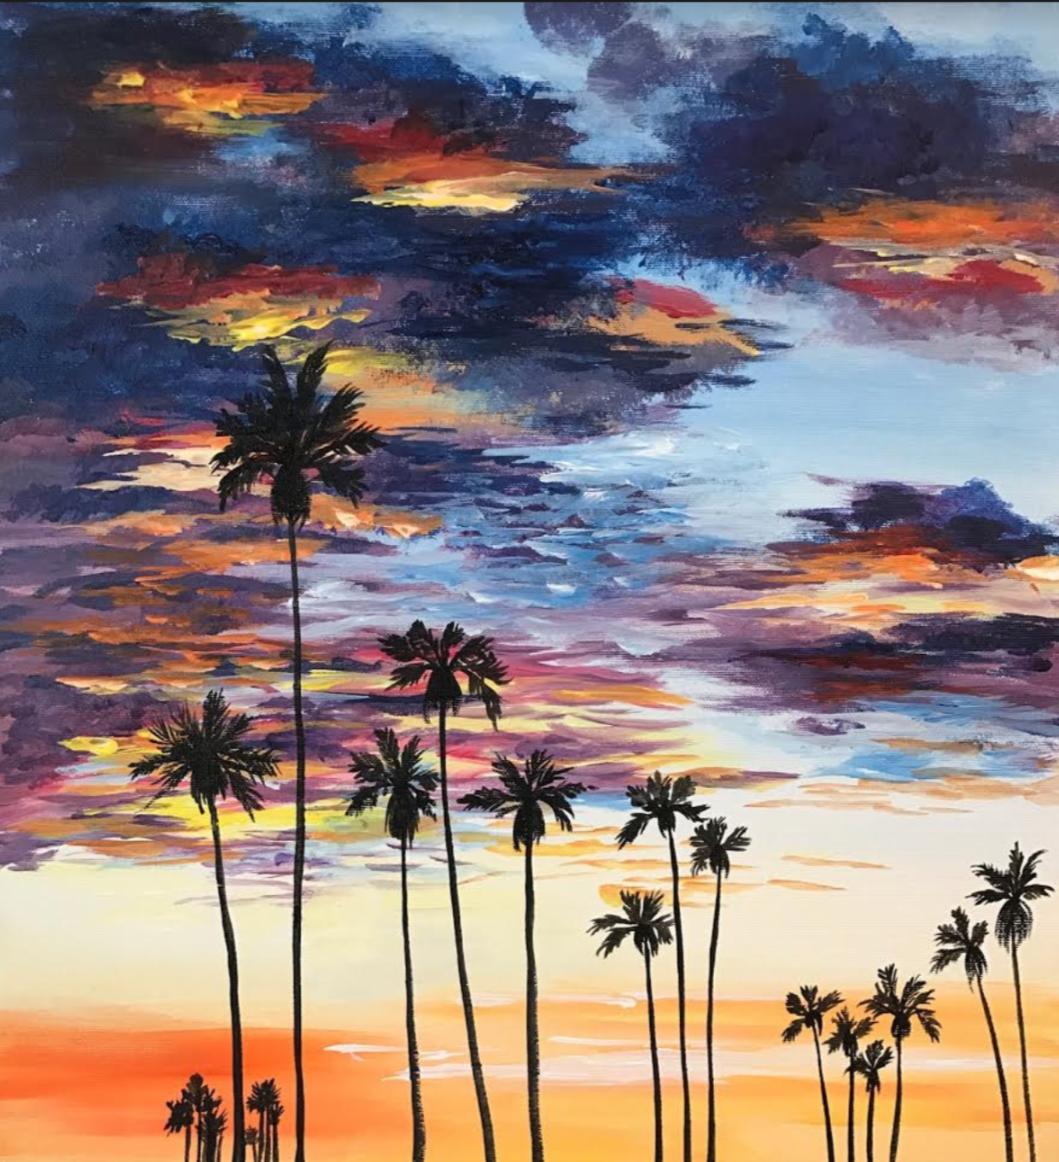 'California Dreaming'